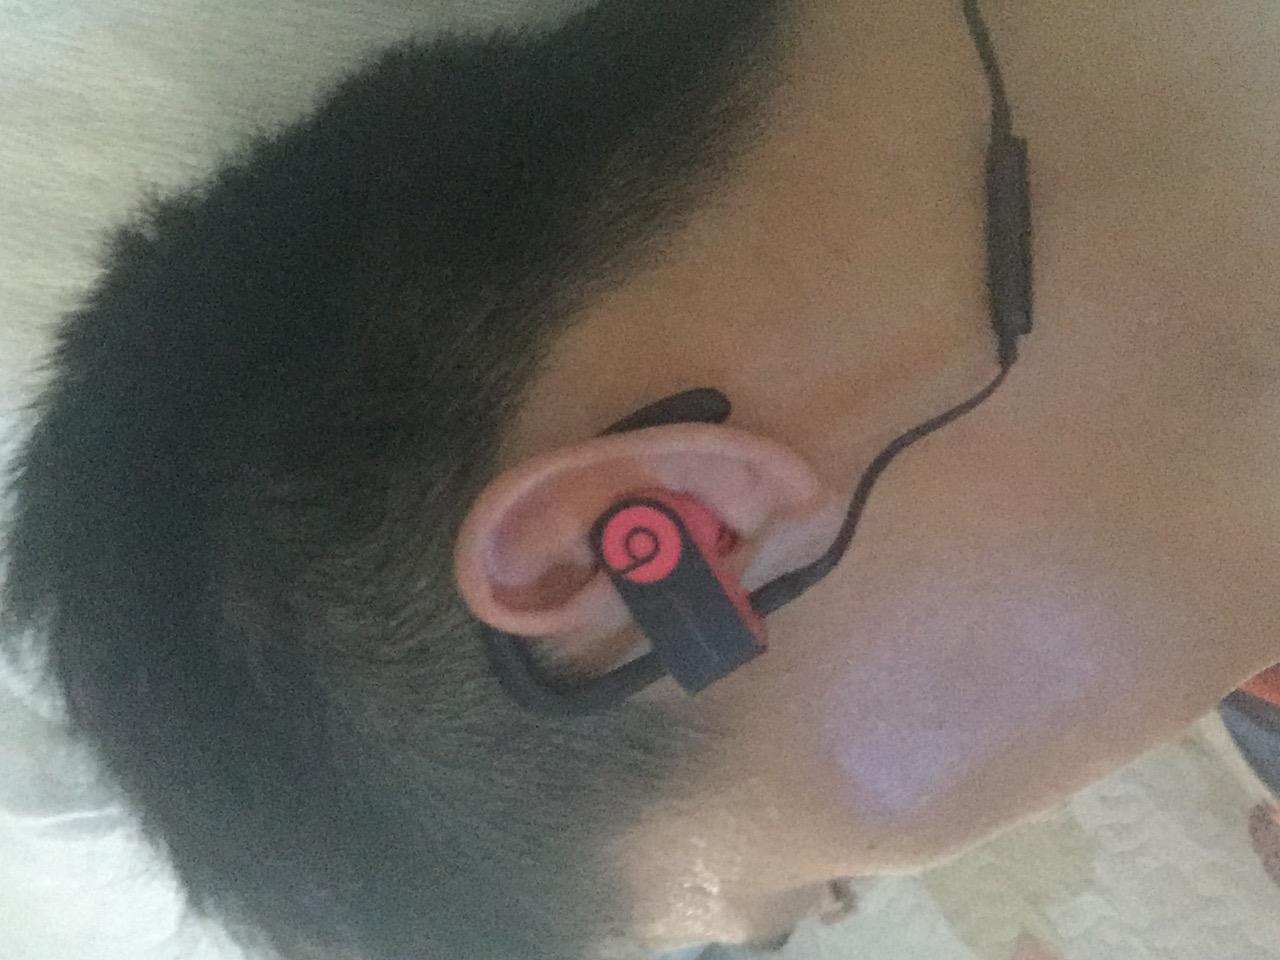 一生值得拥有一款非常不错的耳机去聆听未来